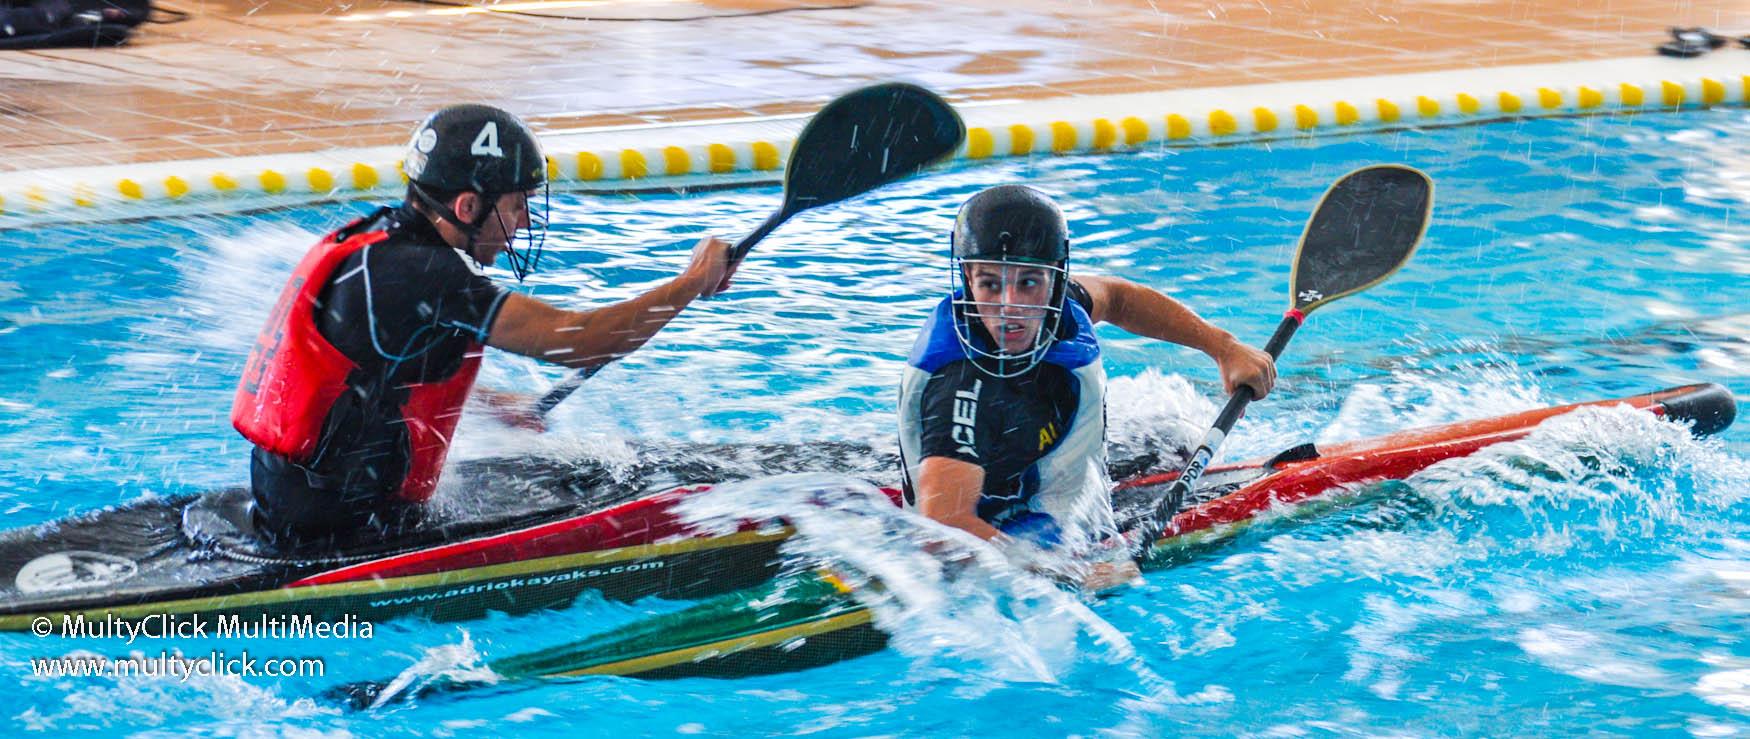 Kayak Polo seixaliada seixal elio castelo multyclick multimedia multiclick